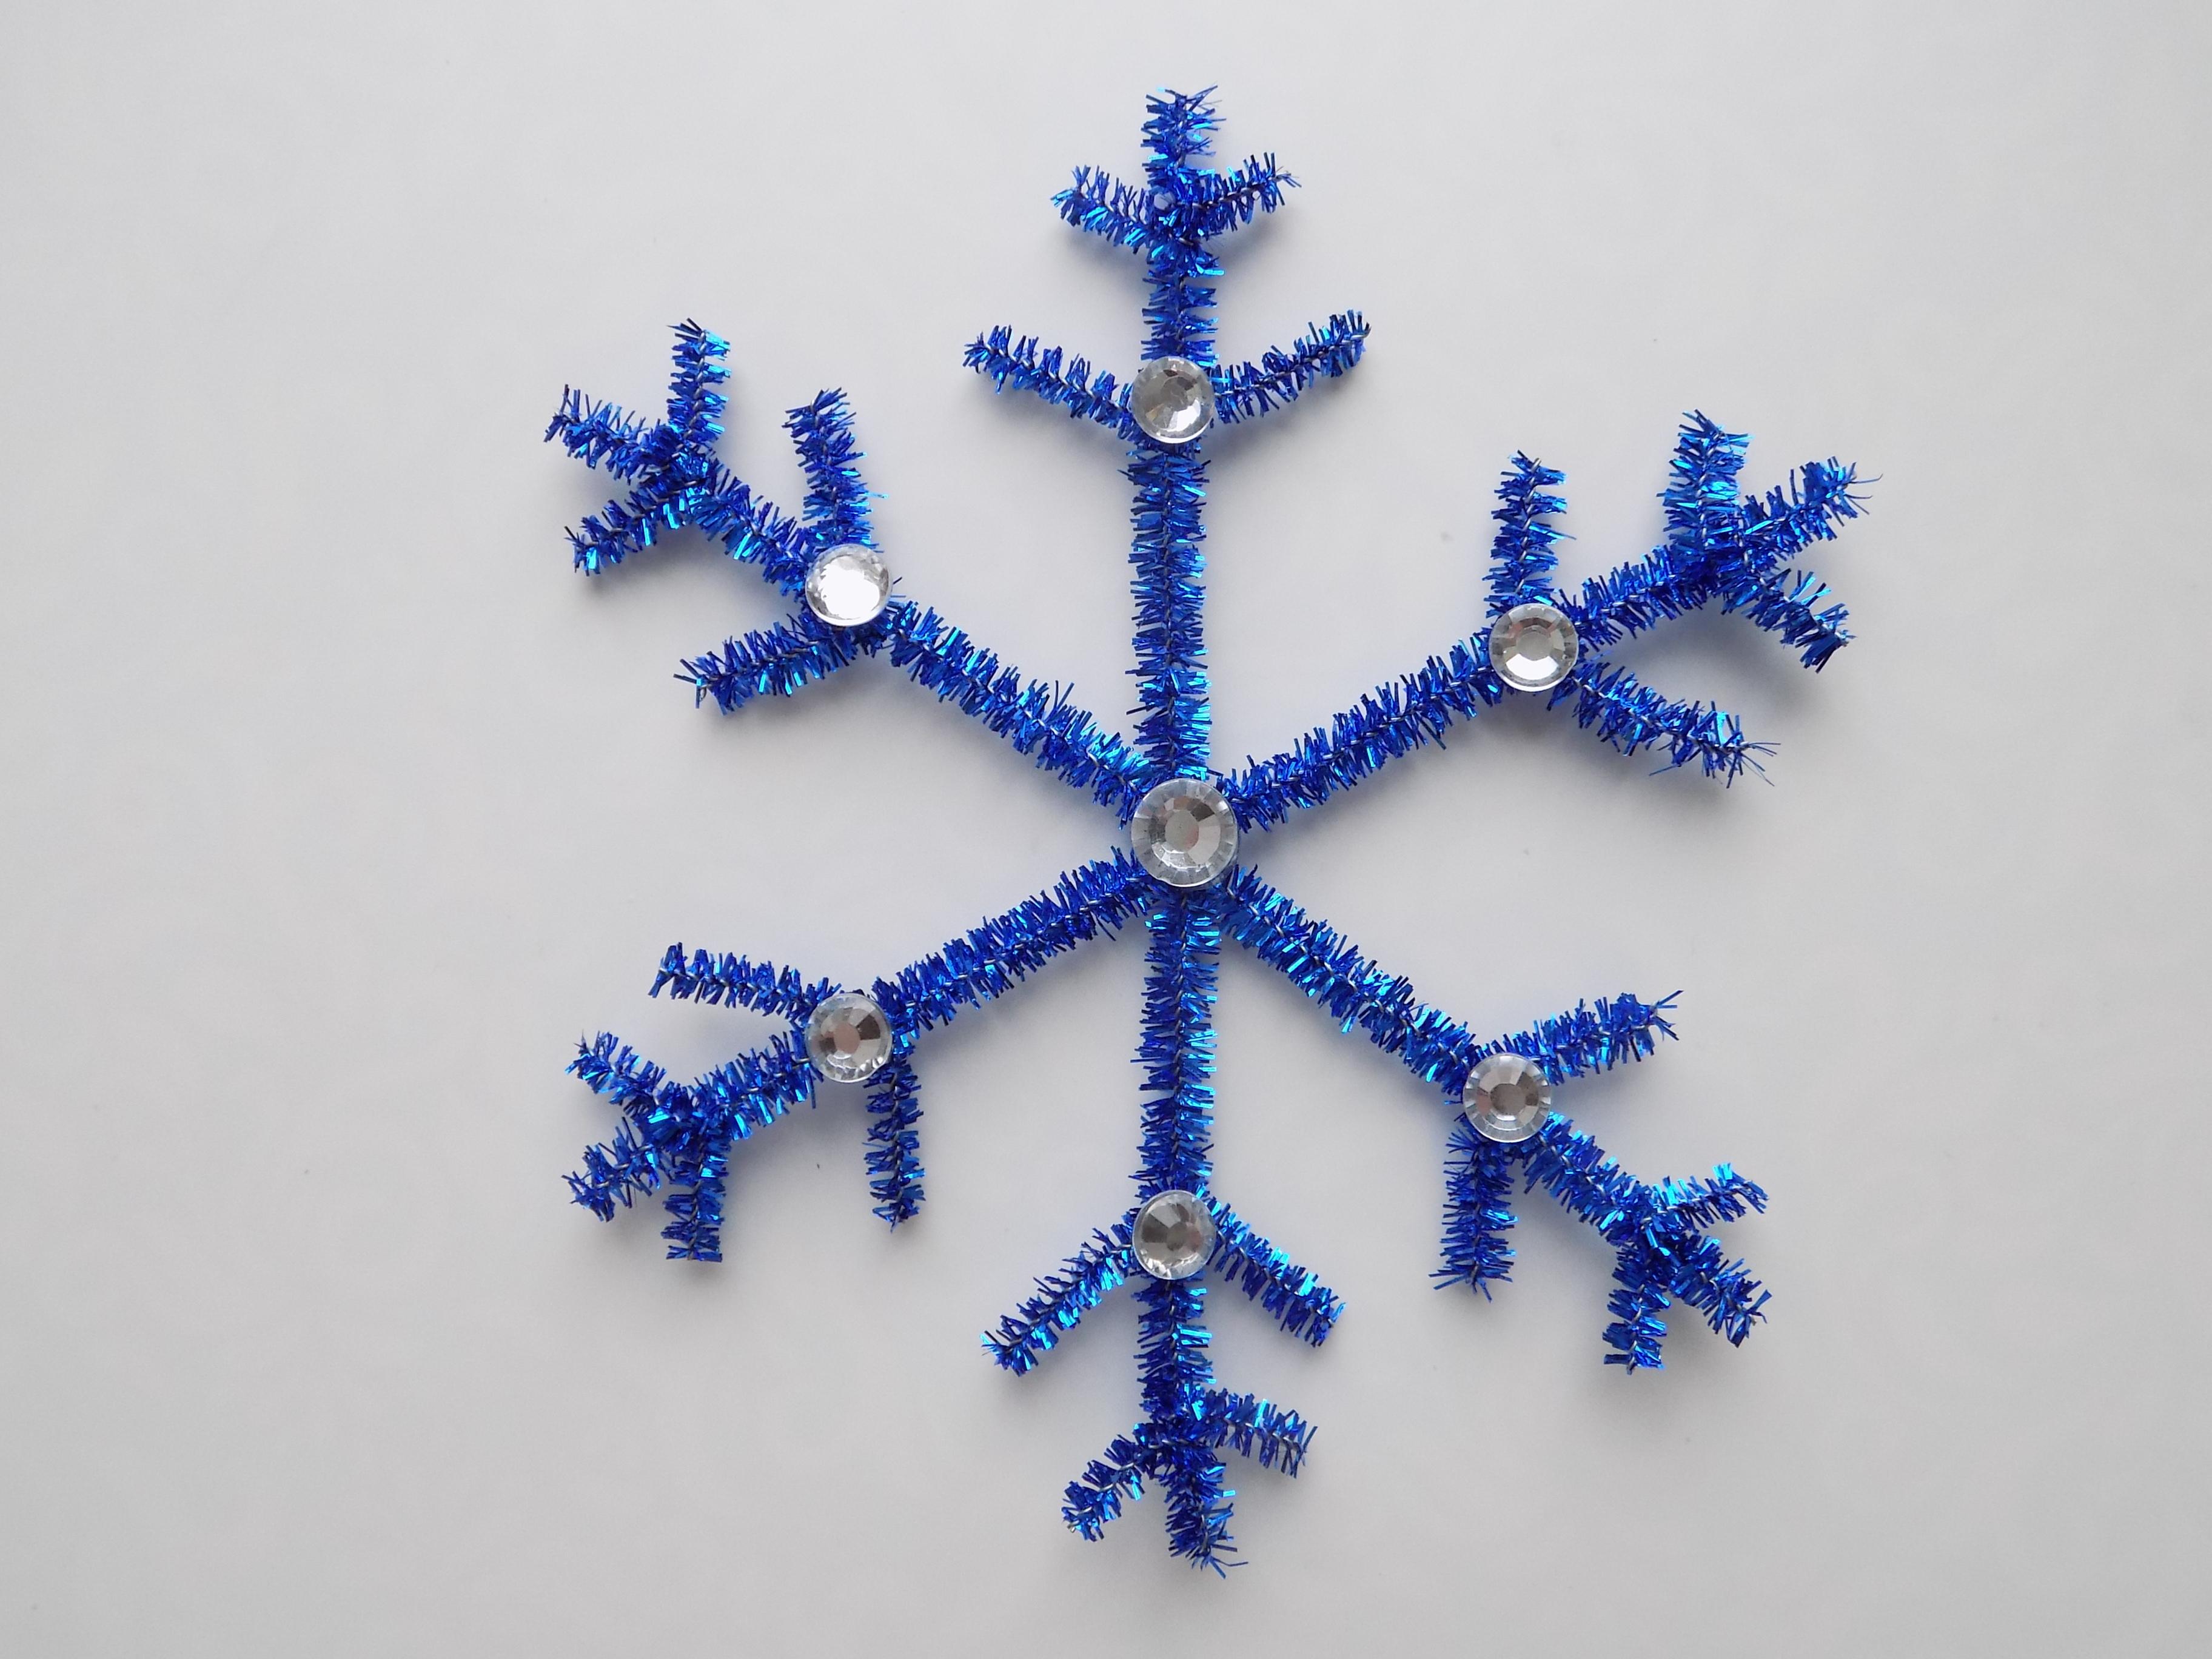 Как сделать снежинку из синельной проволоки и страз